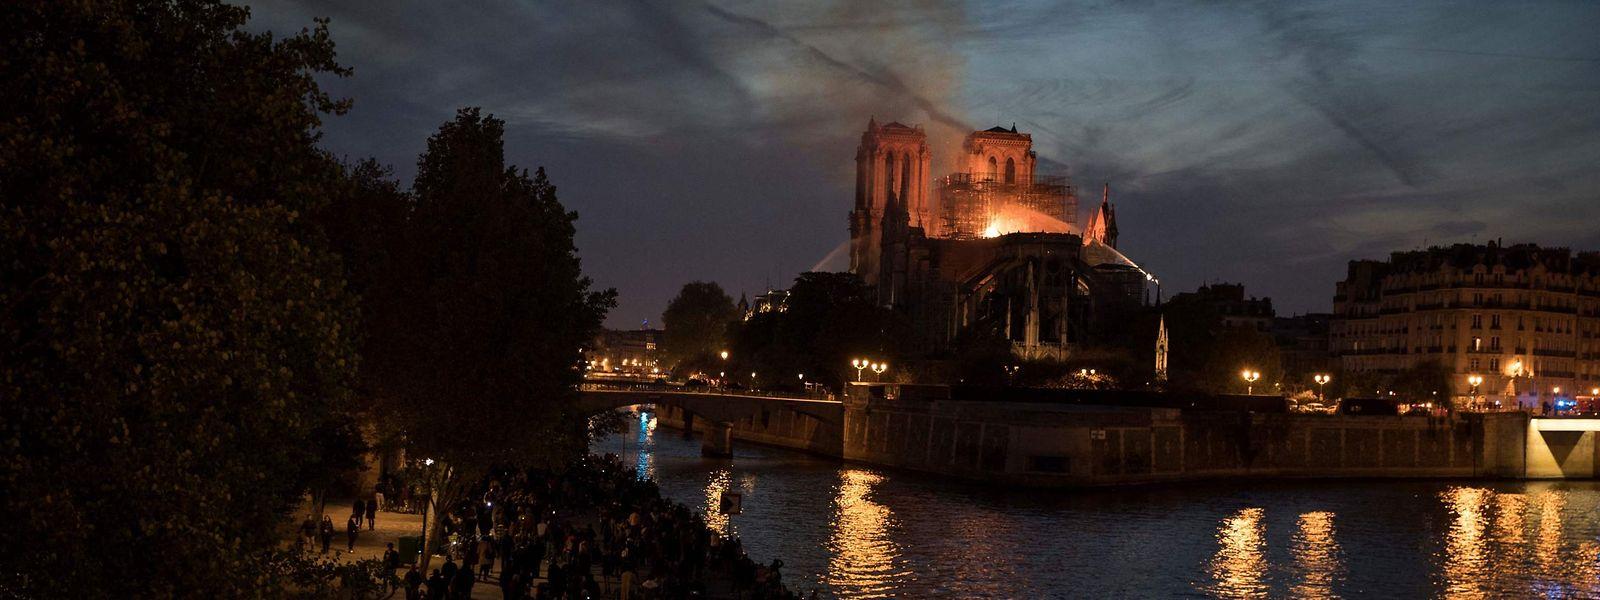 L'image de la cathédrale en feu durant de longues heures avait fait le tour du monde en avril 2019.